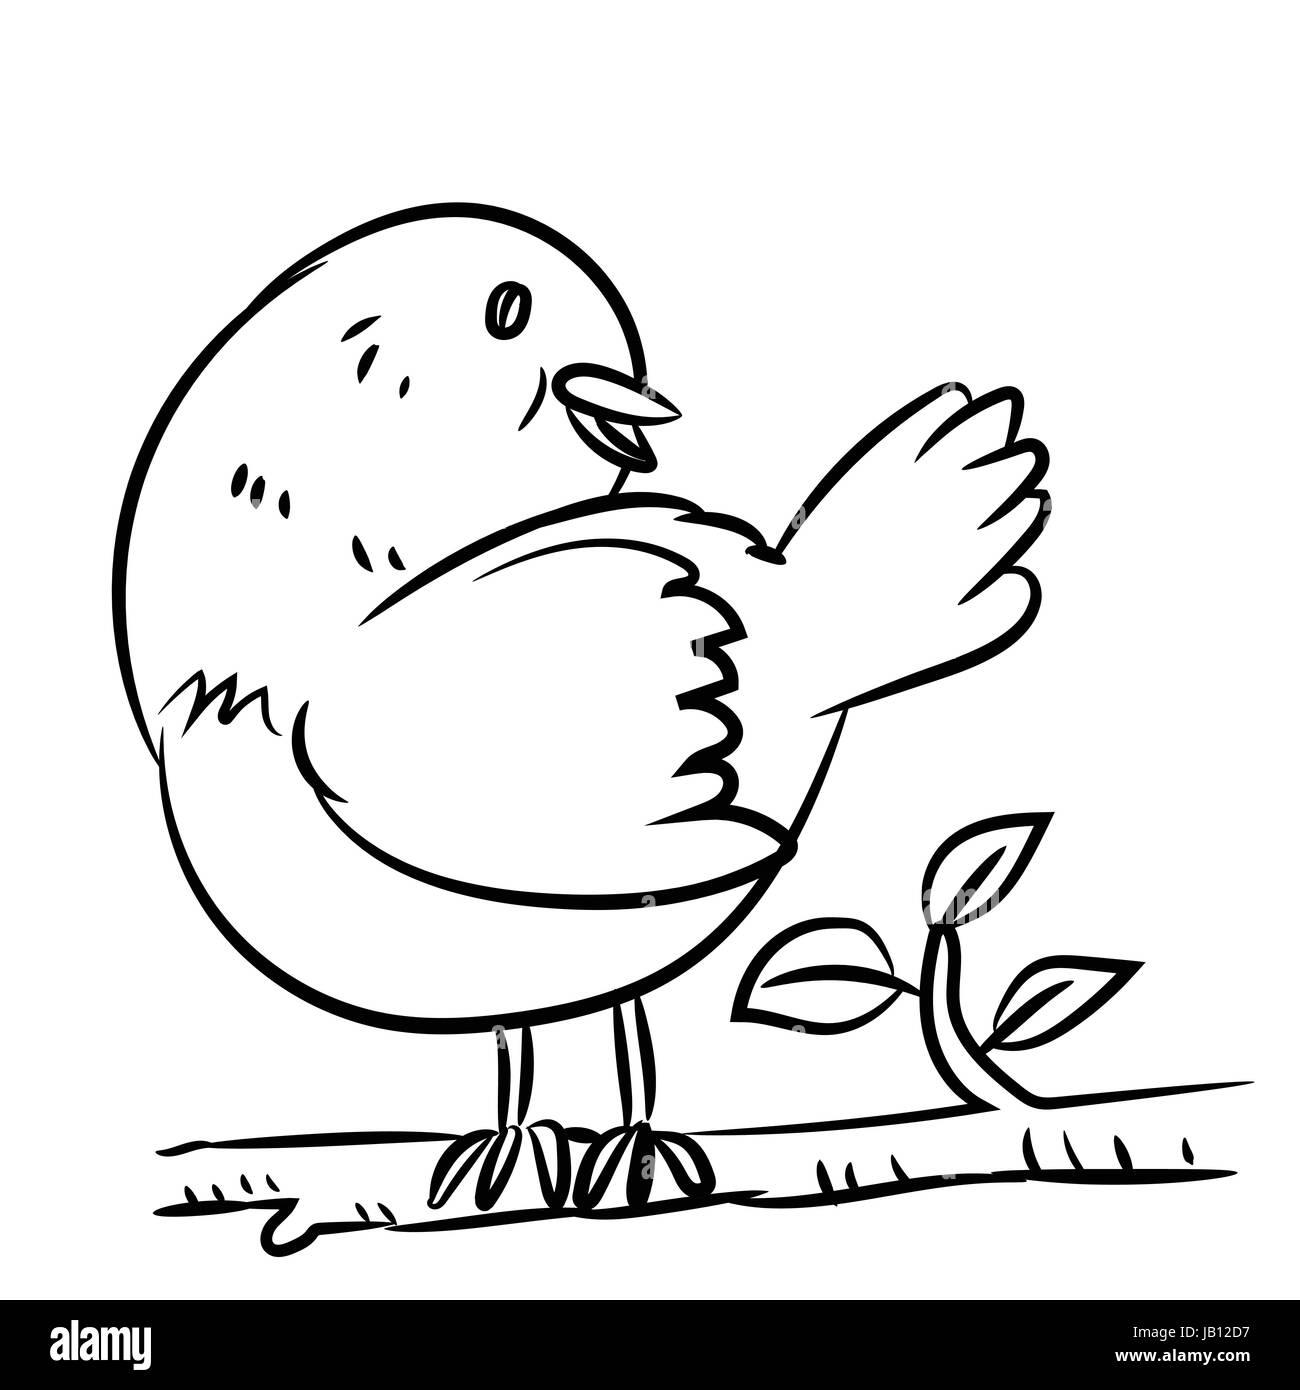 Dessin Caricature Un Oiseau Sur La Branche Dun Arbre En